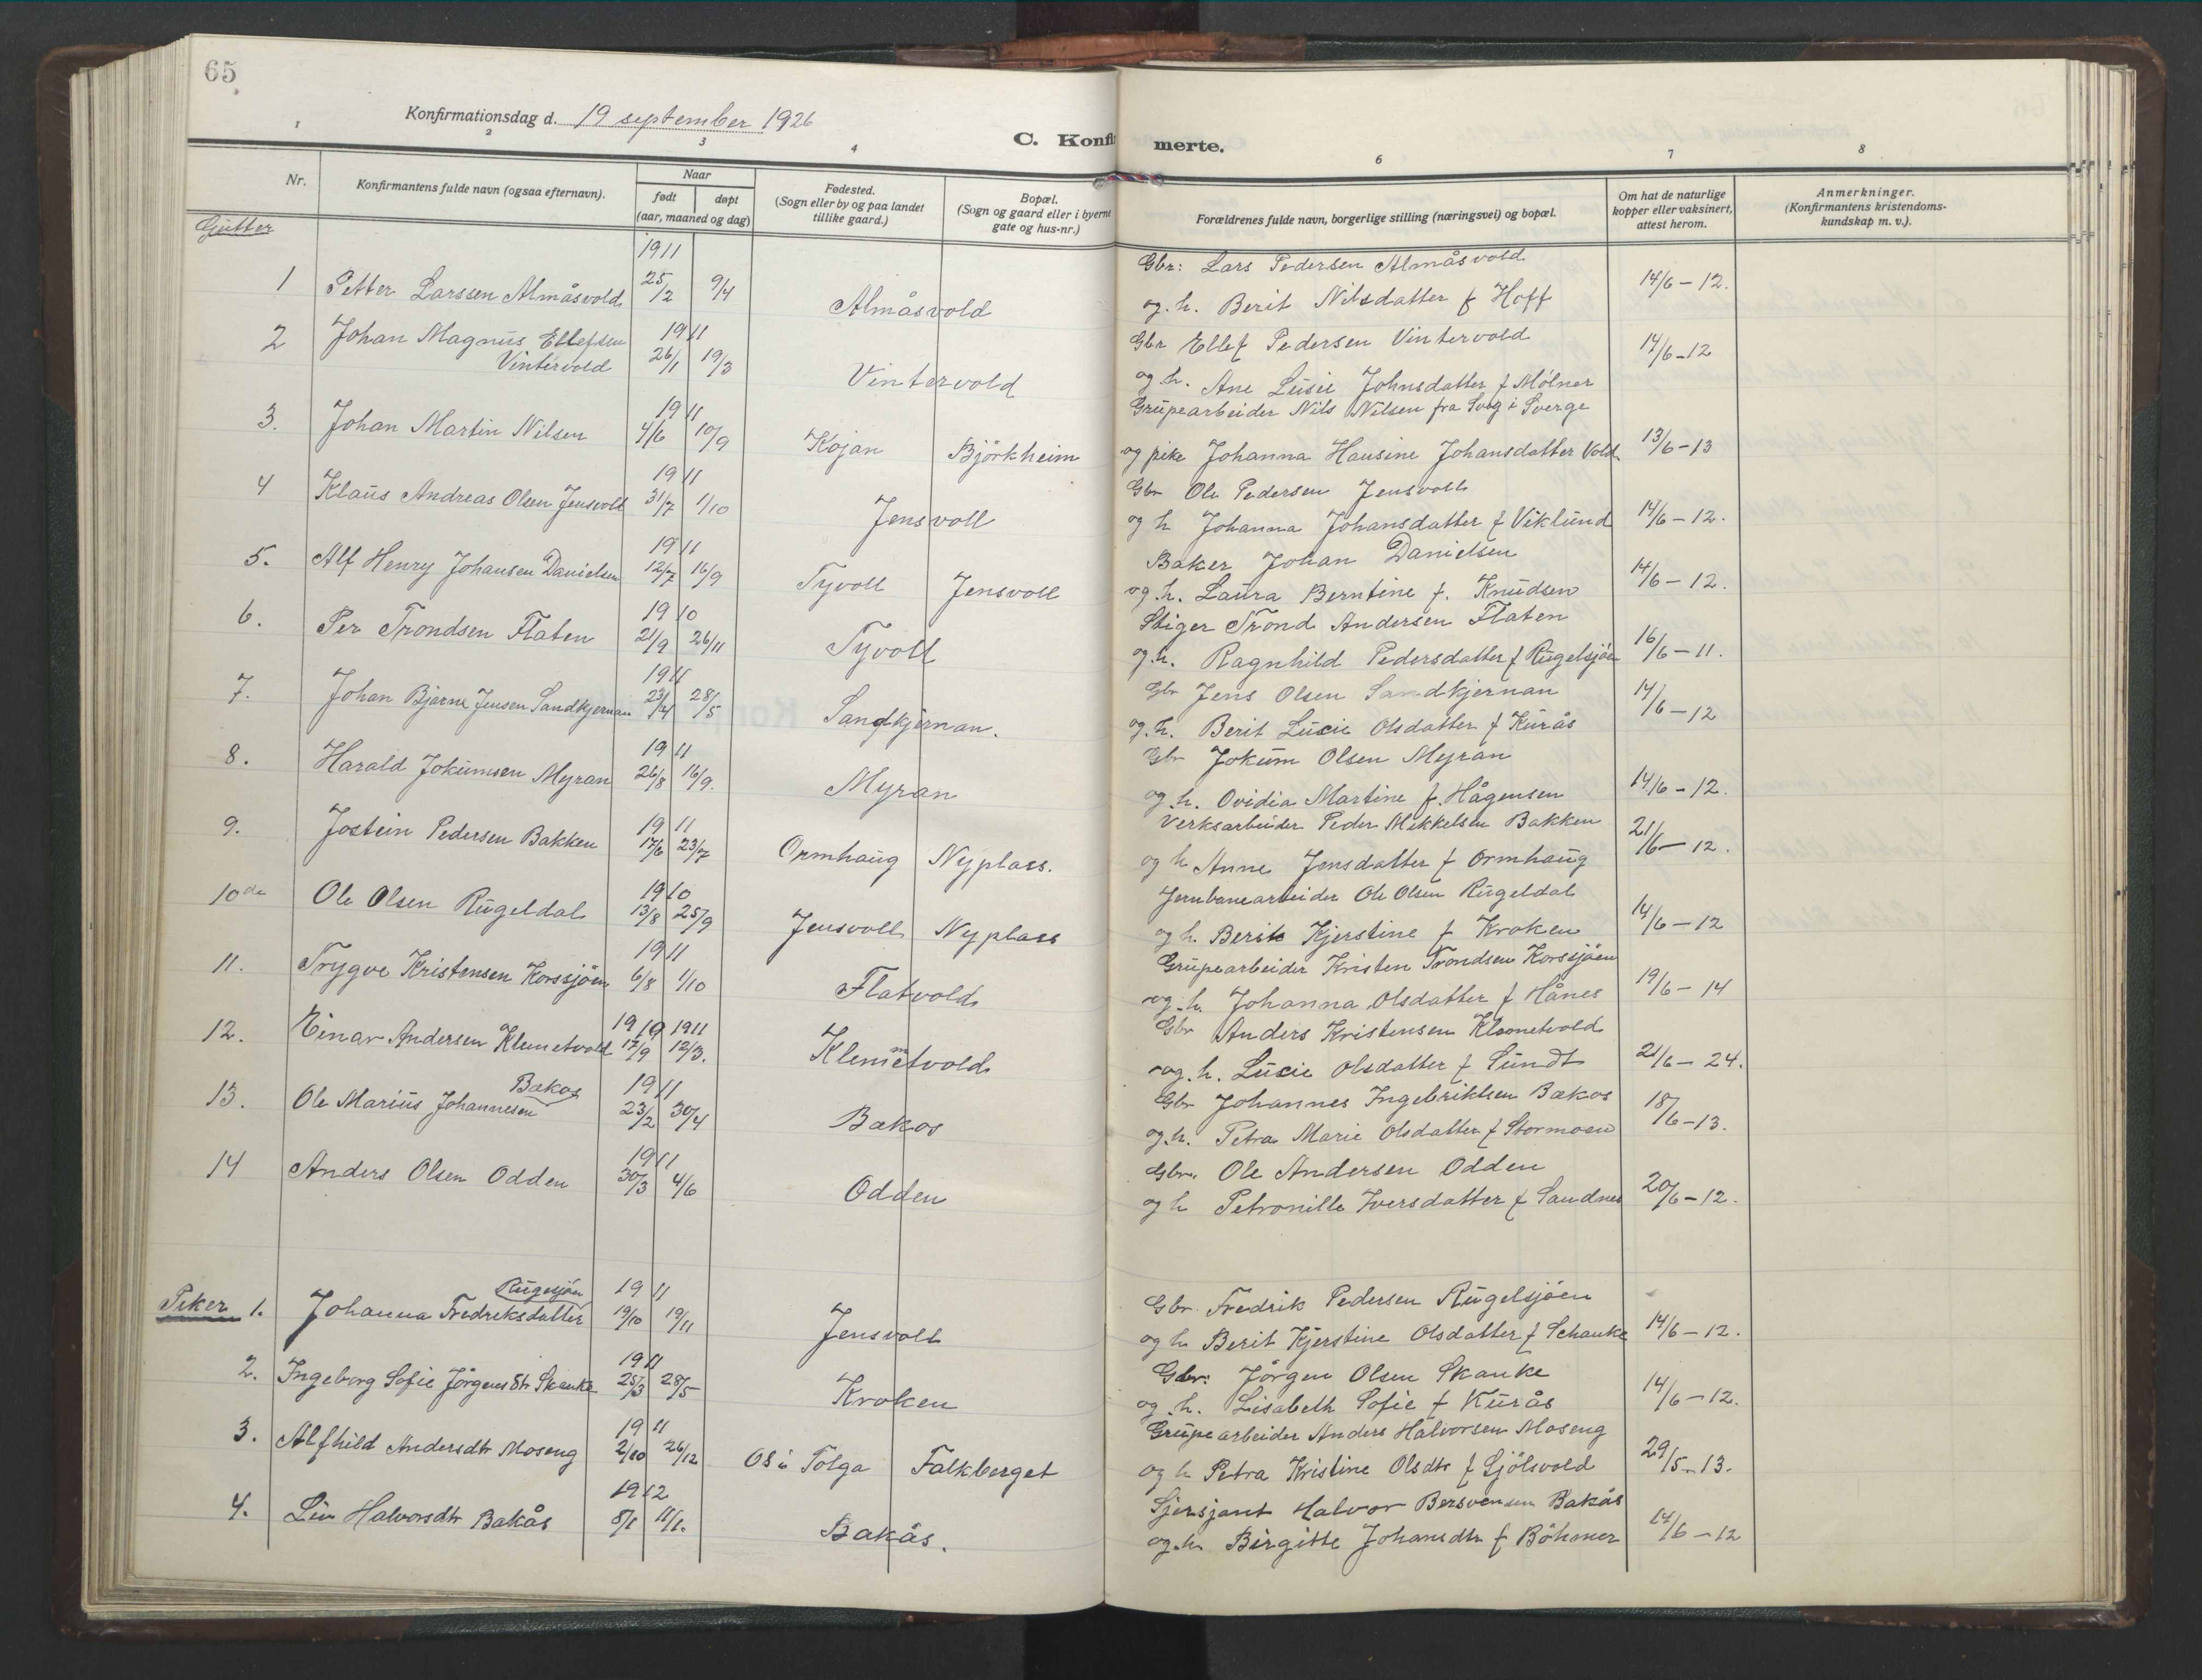 SAT, Ministerialprotokoller, klokkerbøker og fødselsregistre - Sør-Trøndelag, 682/L0947: Klokkerbok nr. 682C01, 1926-1968, s. 65